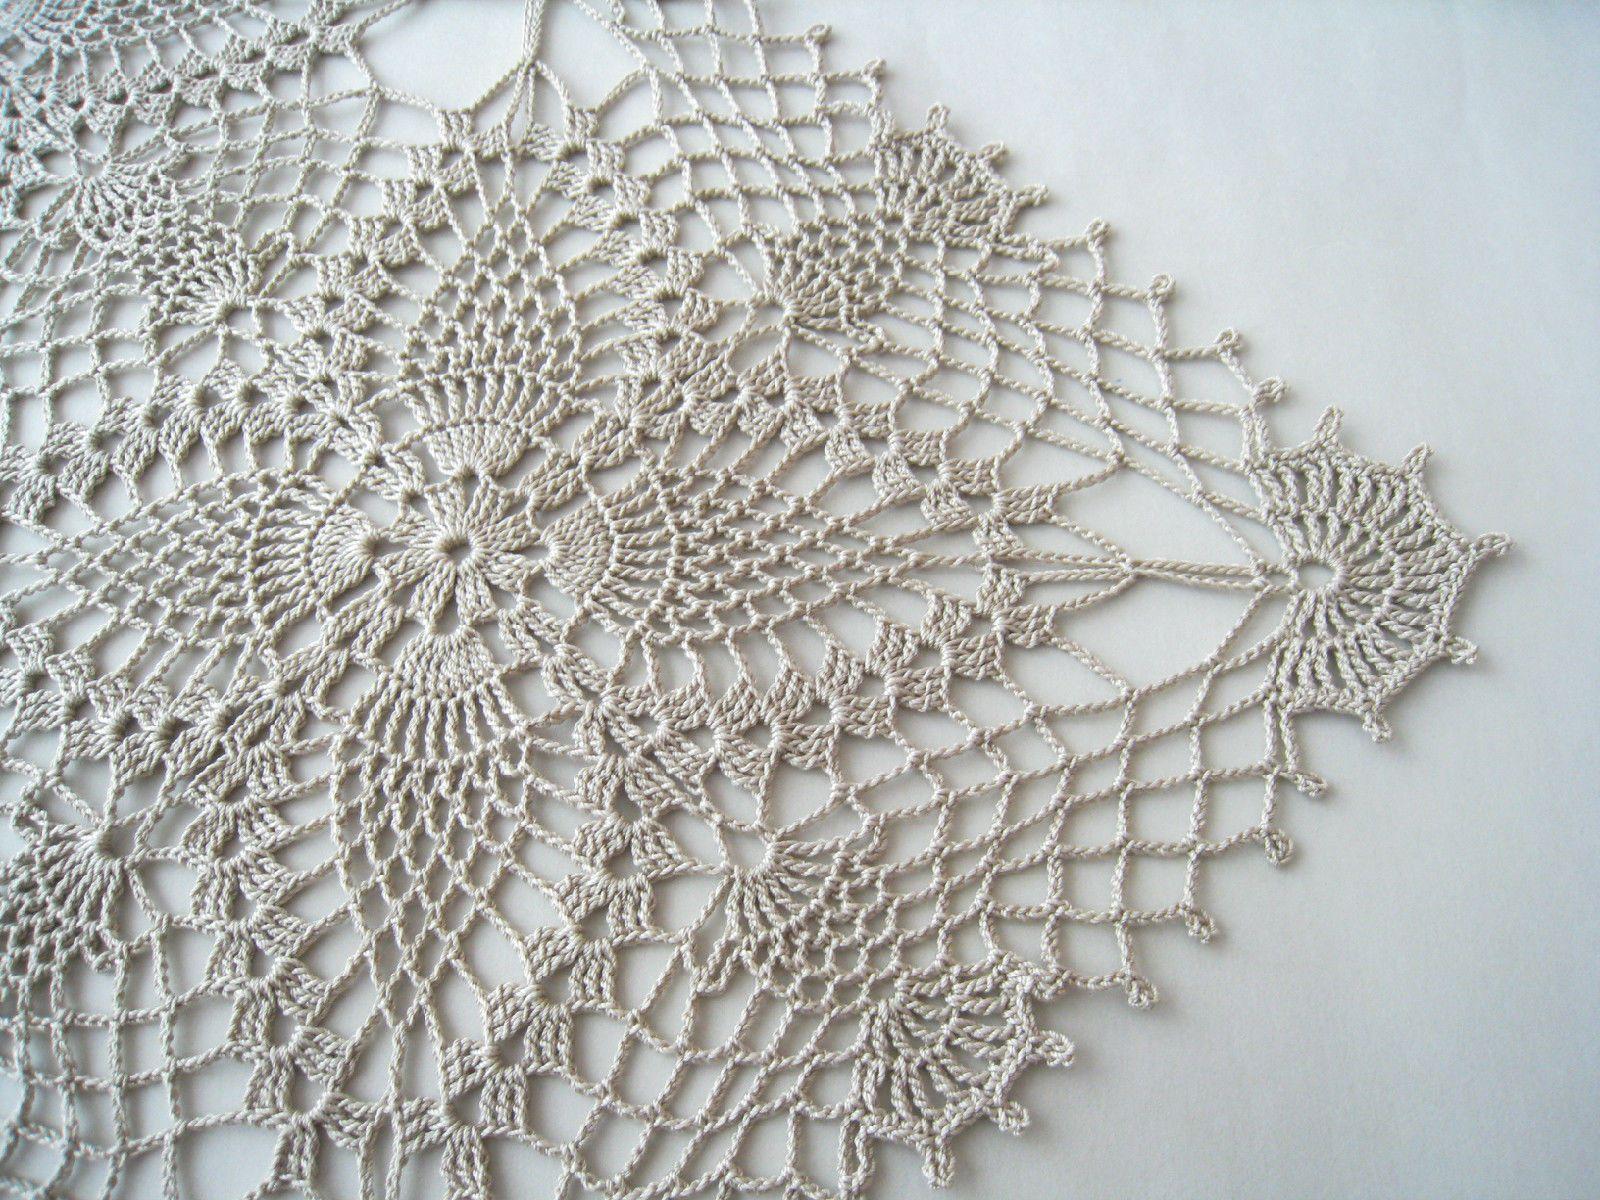 Crochet Square Lace Tablecloth Color Linen Table Topper Flower Motif | ...  Crochet Square Lace Tablecloth Color Linen Table Topper Flower Motifs